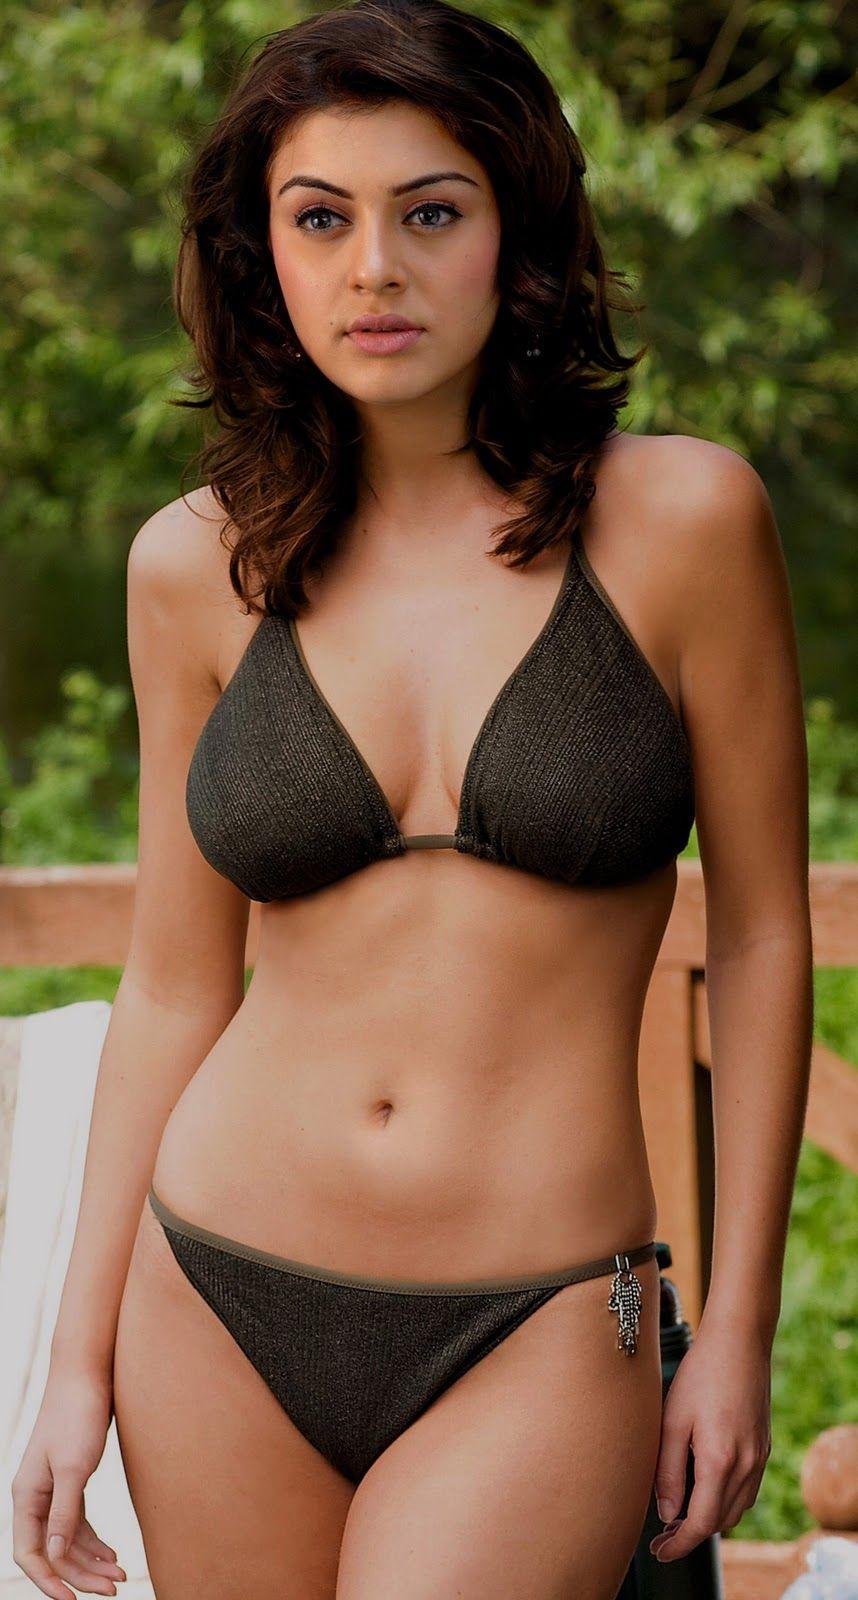 Hansika Motwani Bikini Images